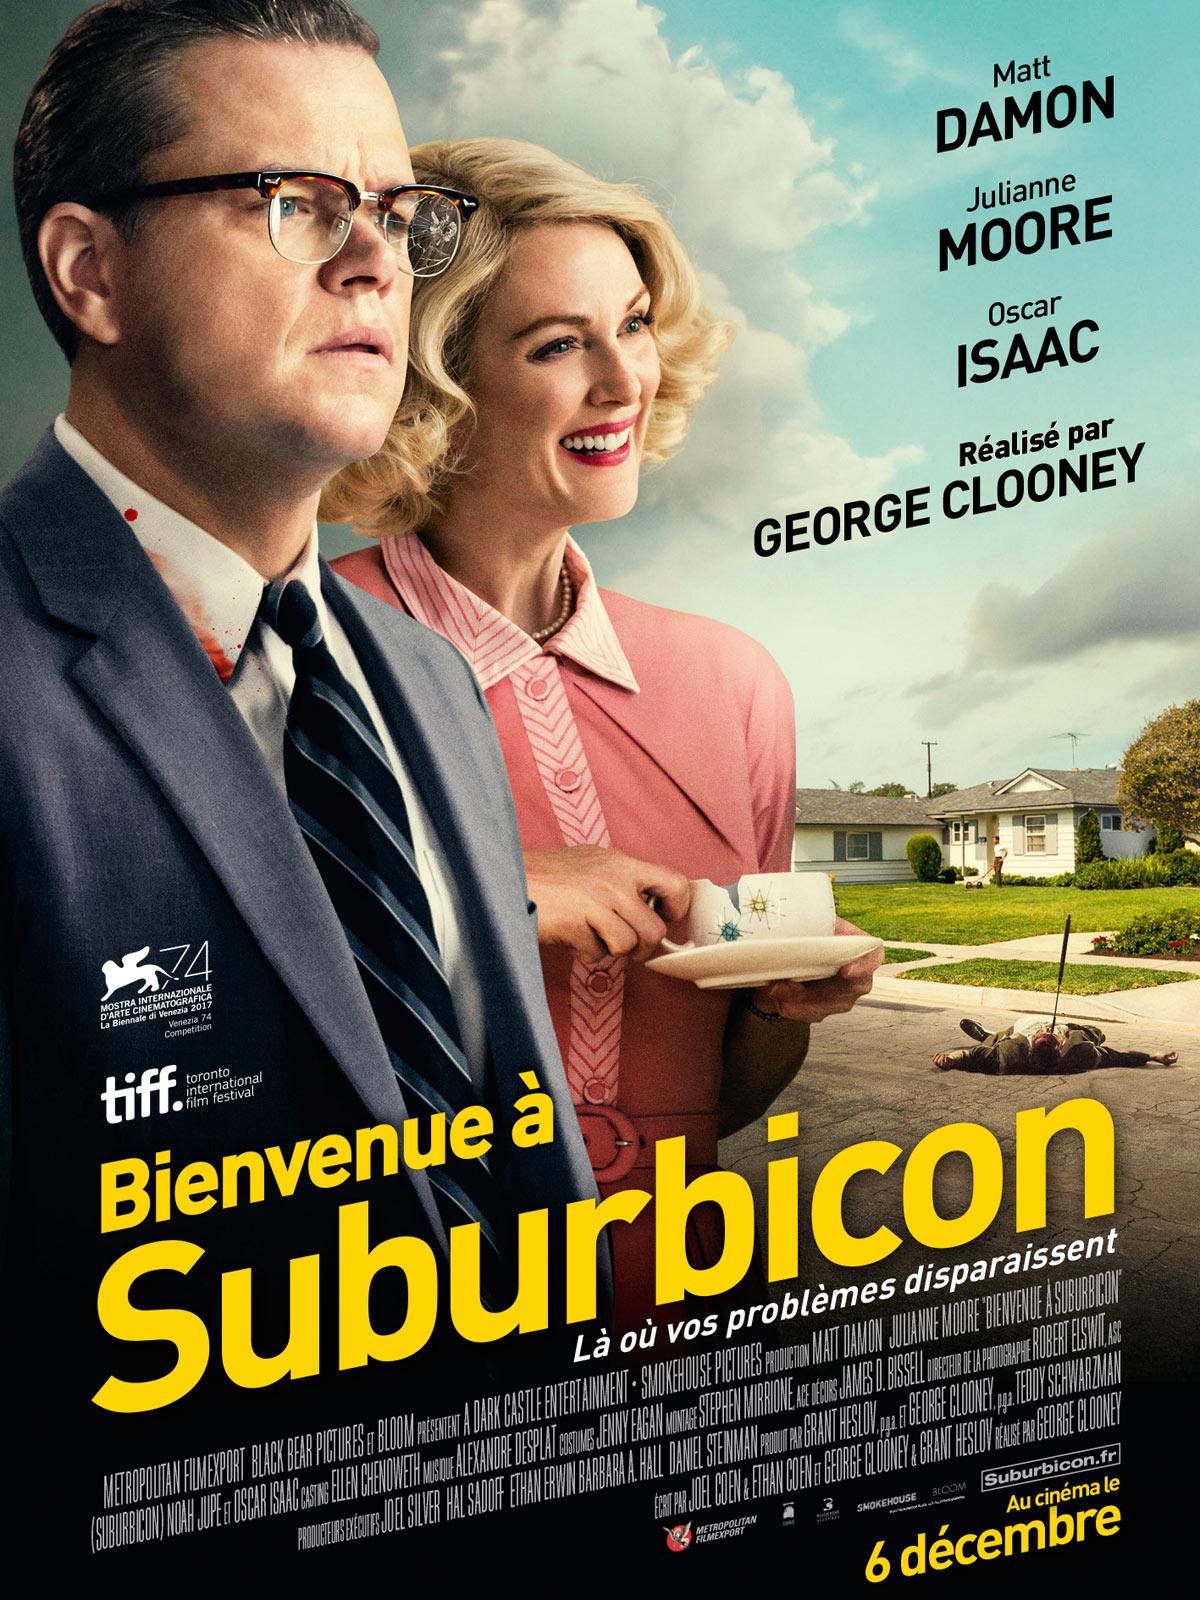 http://rss.allocine.fr/~r/ac/cine/cettesemaine/~3/qH15UngxhzQ/fichefilm_gen_cfilm=109347.html